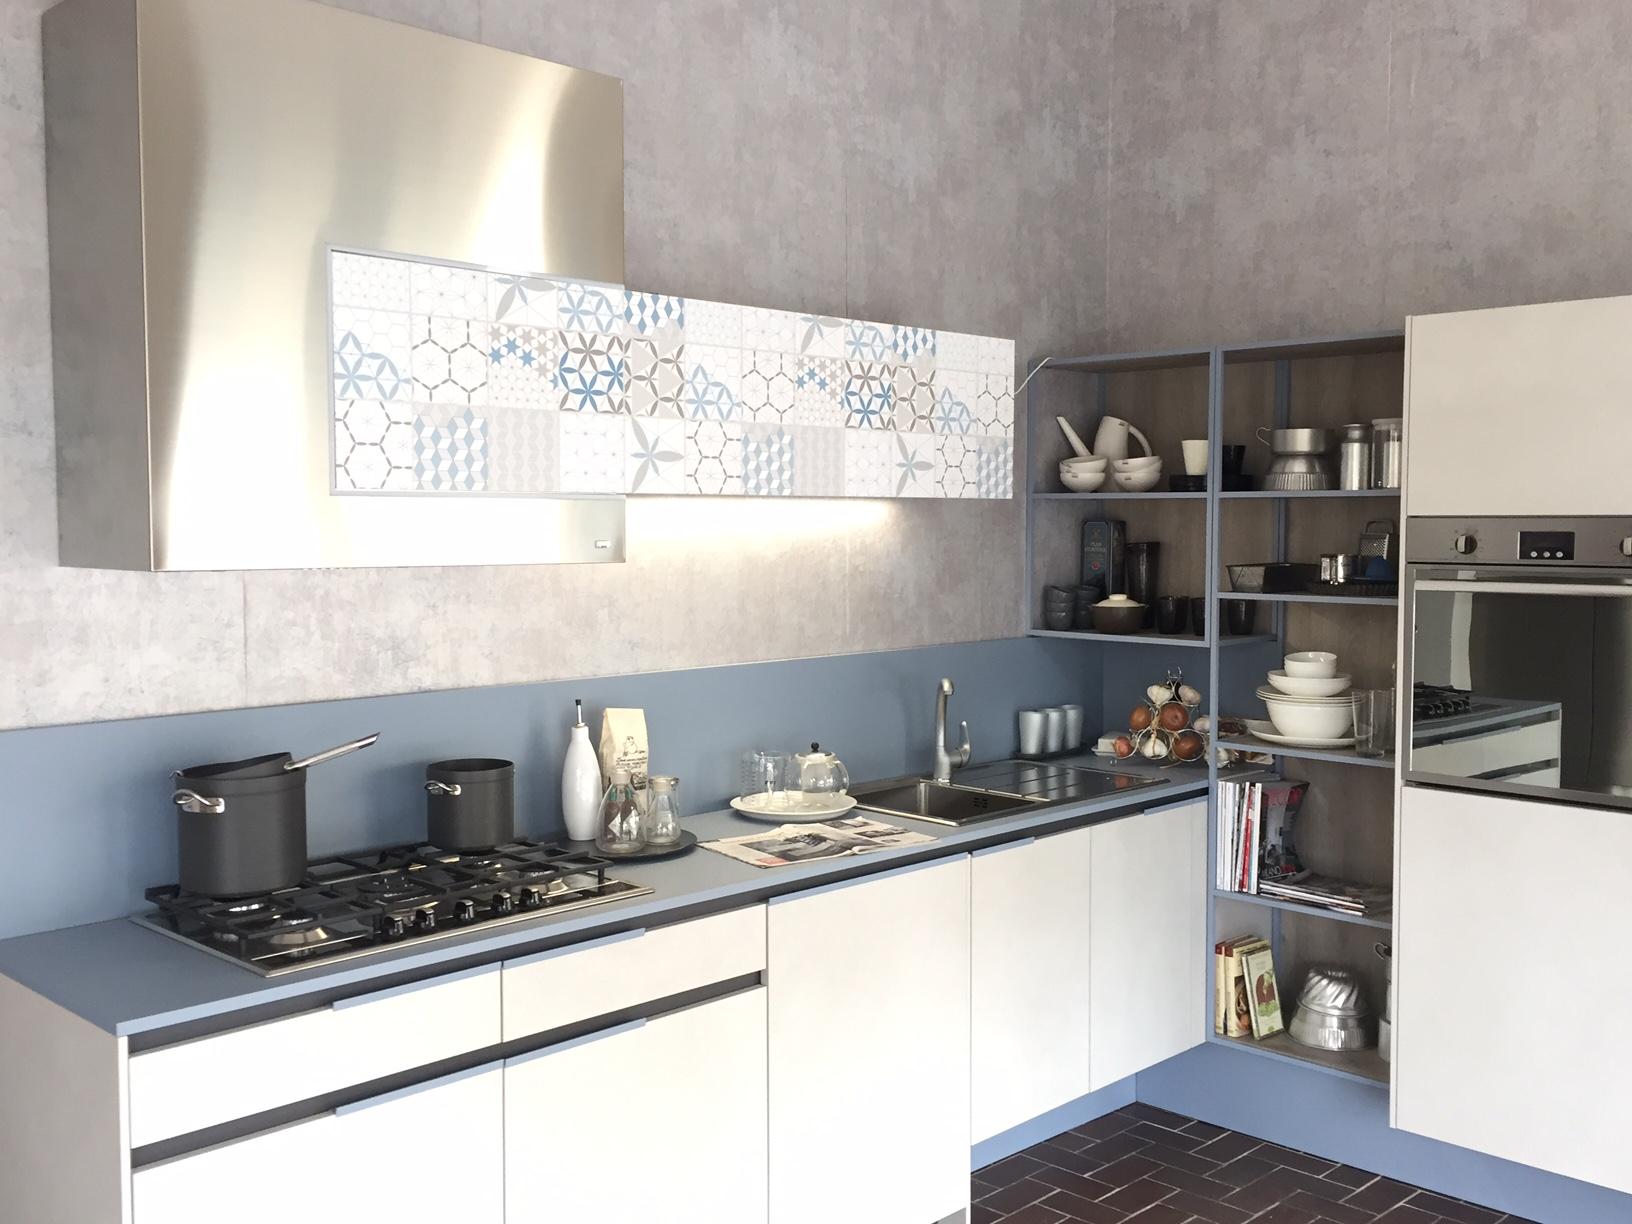 Alberto salutini mobili cucine snaidero ponsacco alberto salutini mobili cucine snaidero ponsacco - Cucine snaidero opinioni ...